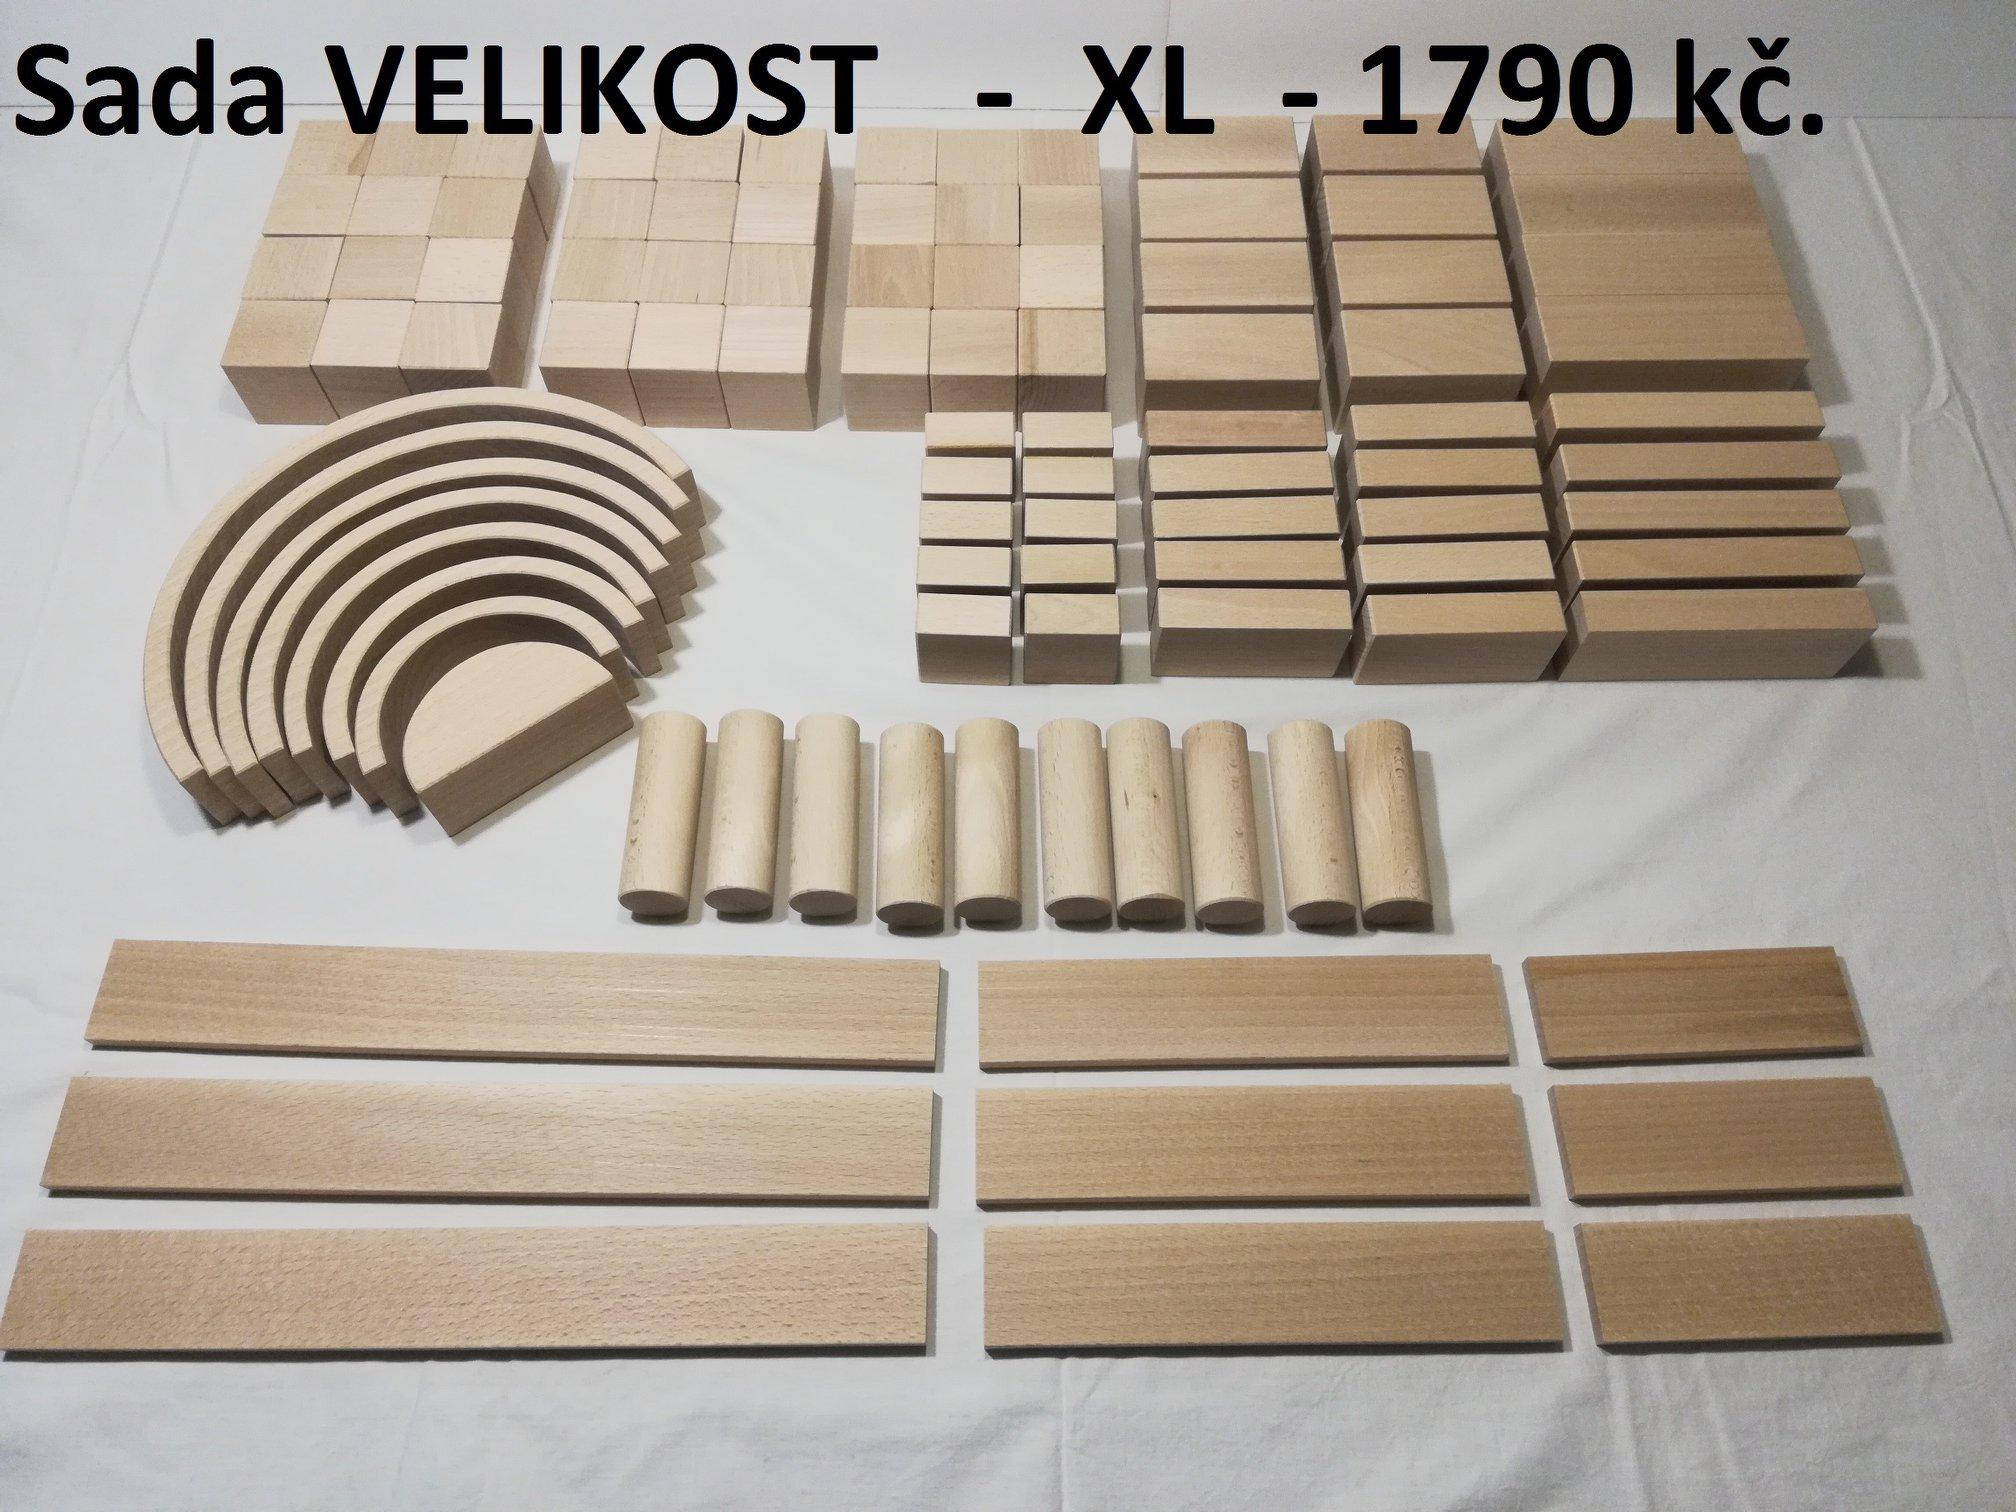 item-1069408610